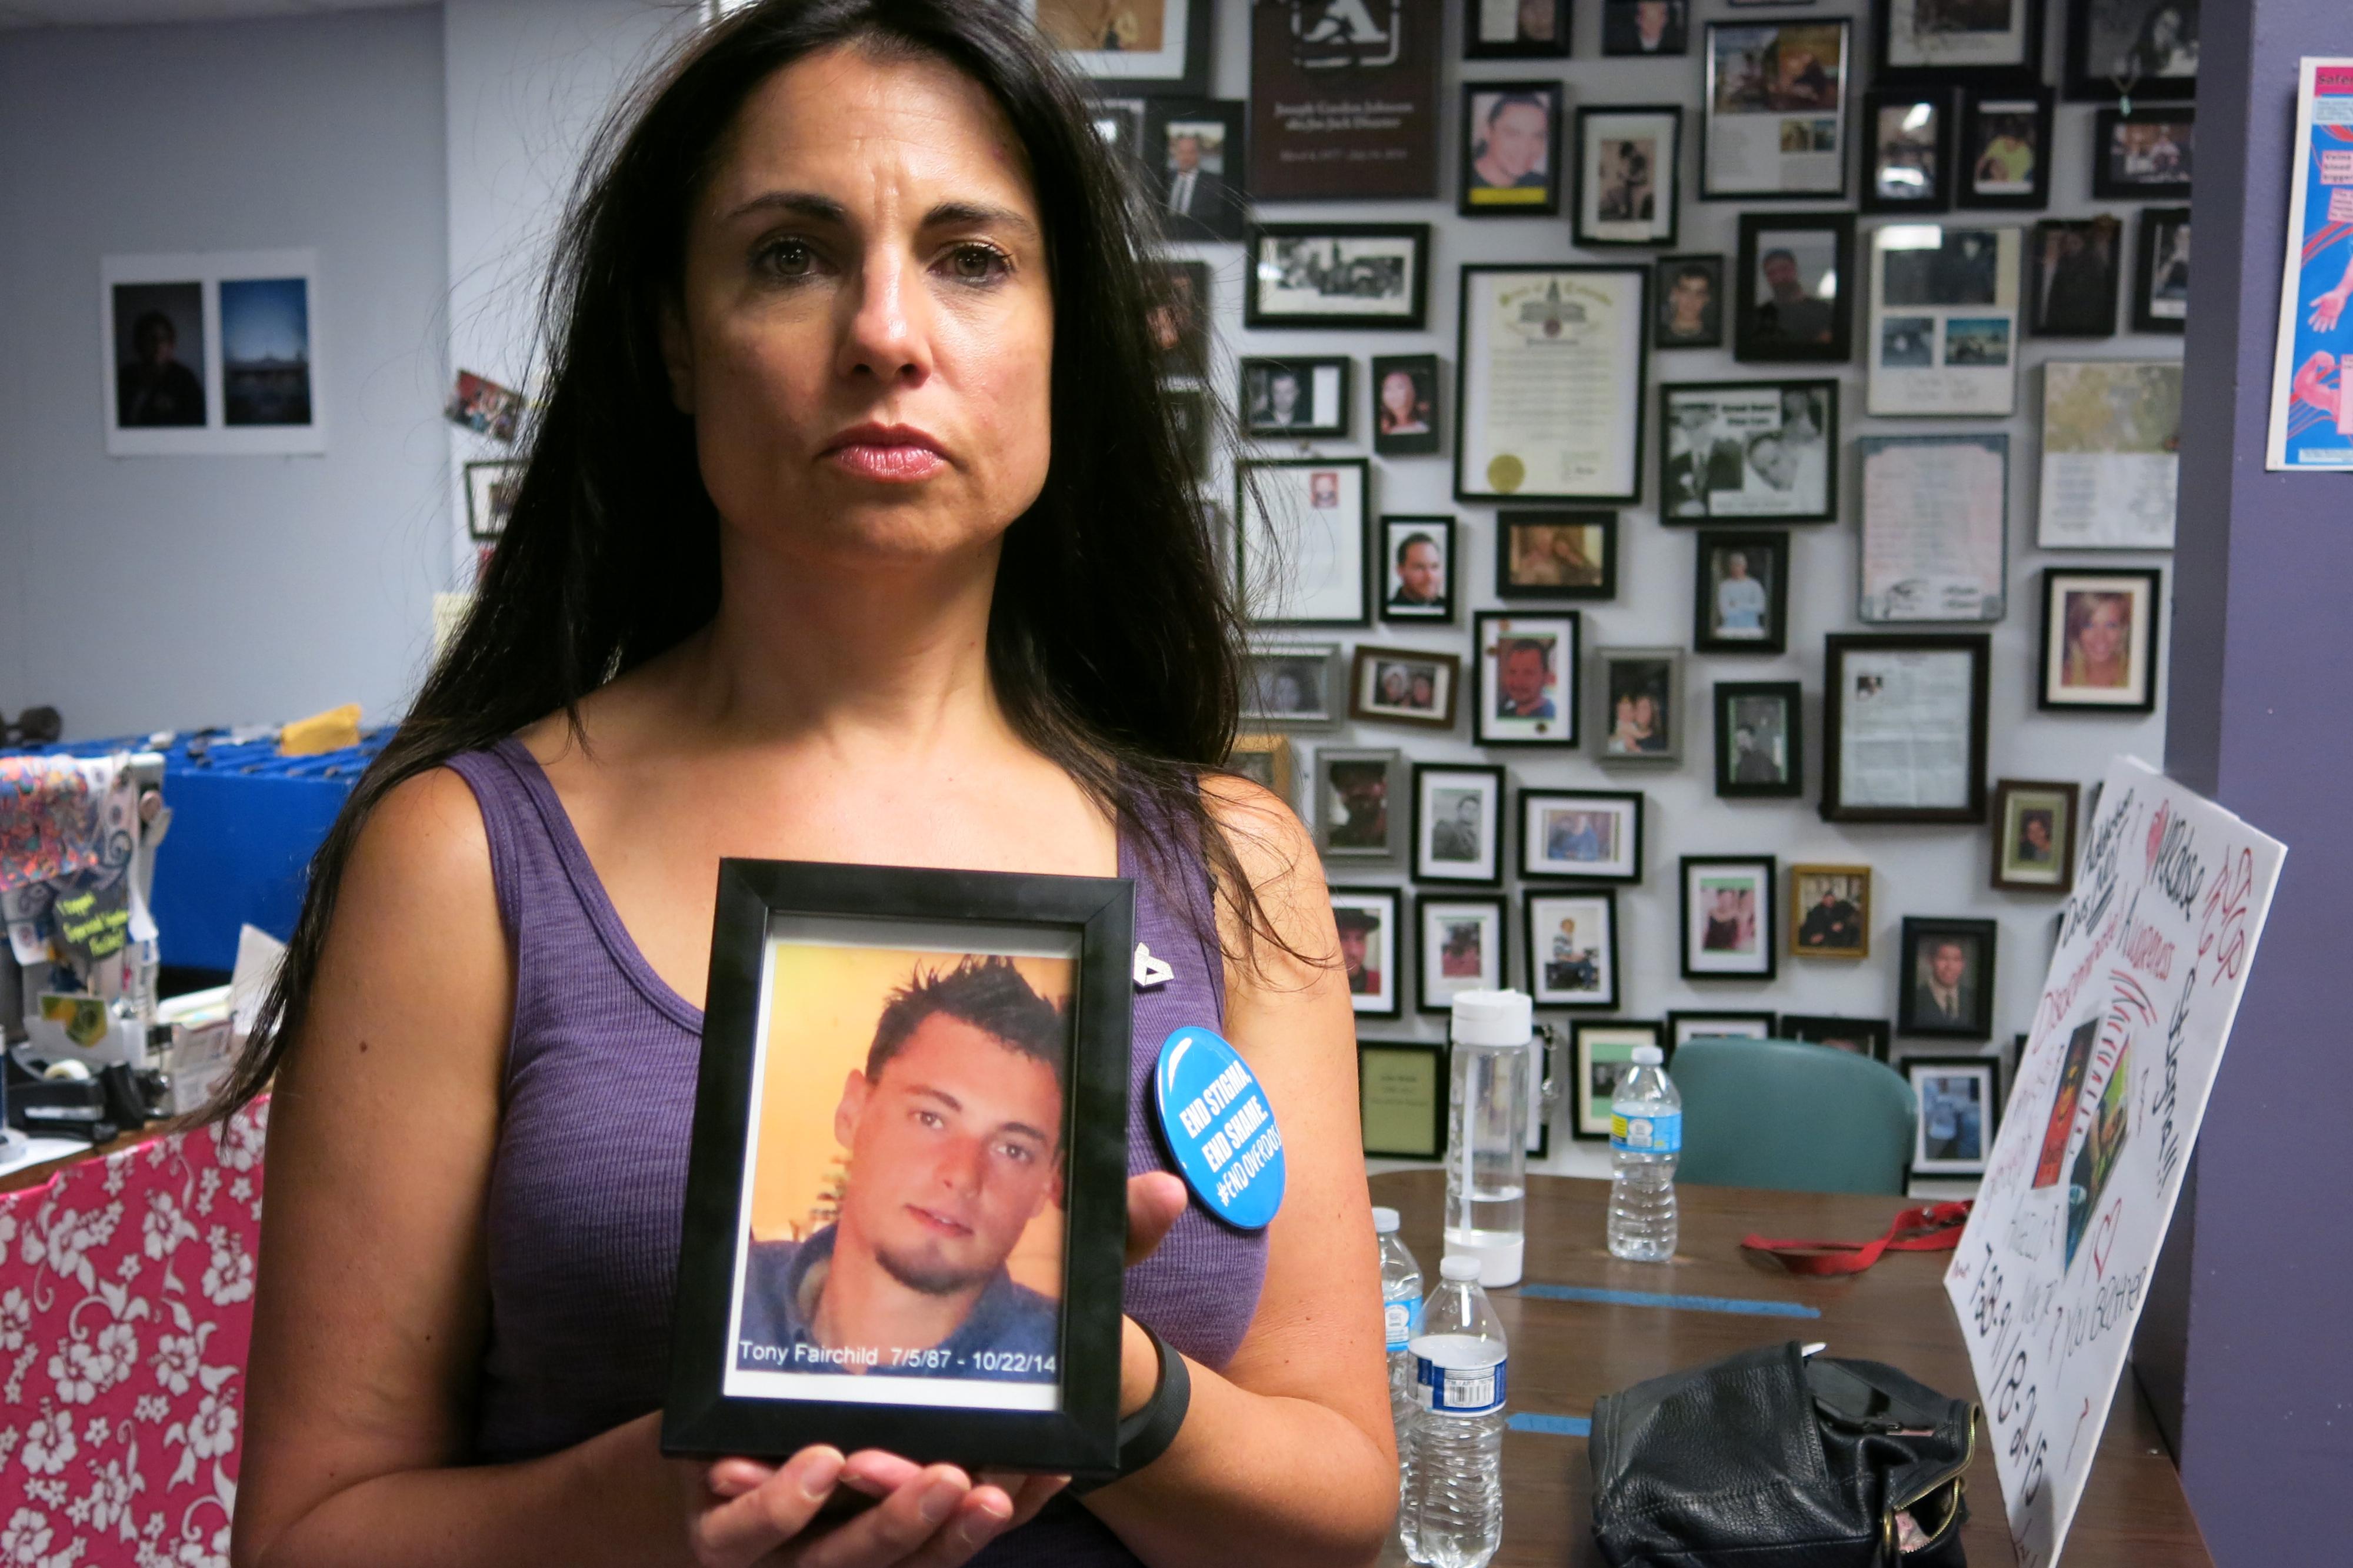 Photo: Heroin overdose awareness, Joelle Fairchild